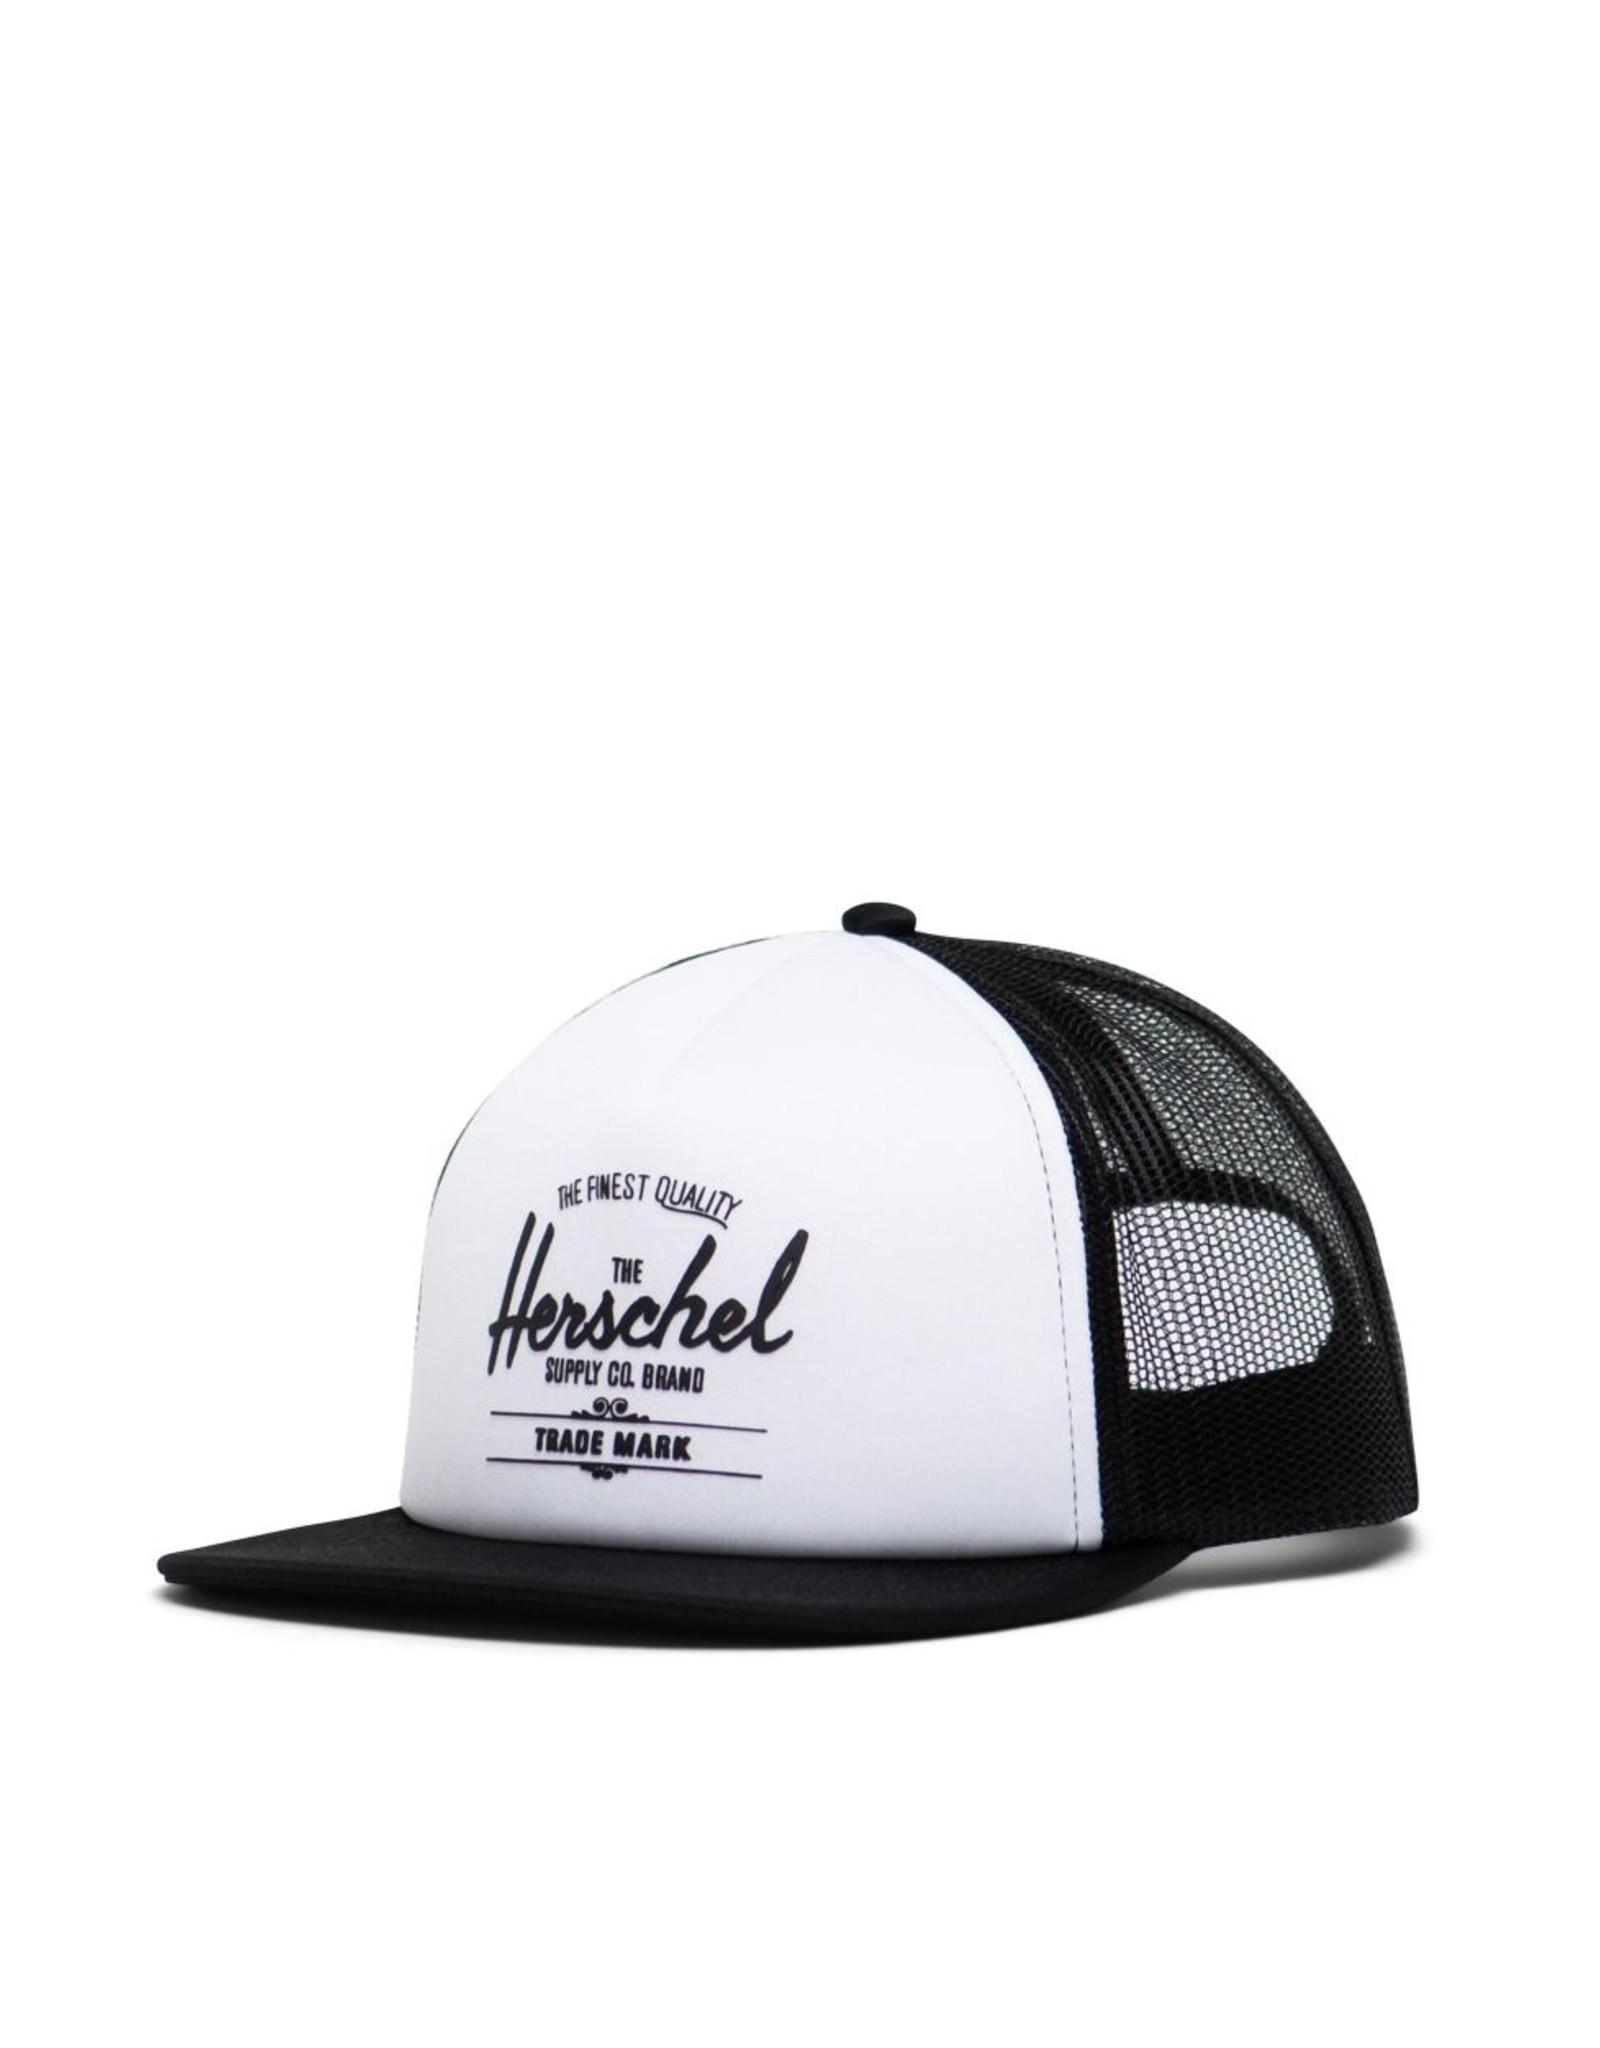 Herschel Supply Co. SP21 White/Black Toddler Whaler Cap 2-5Y